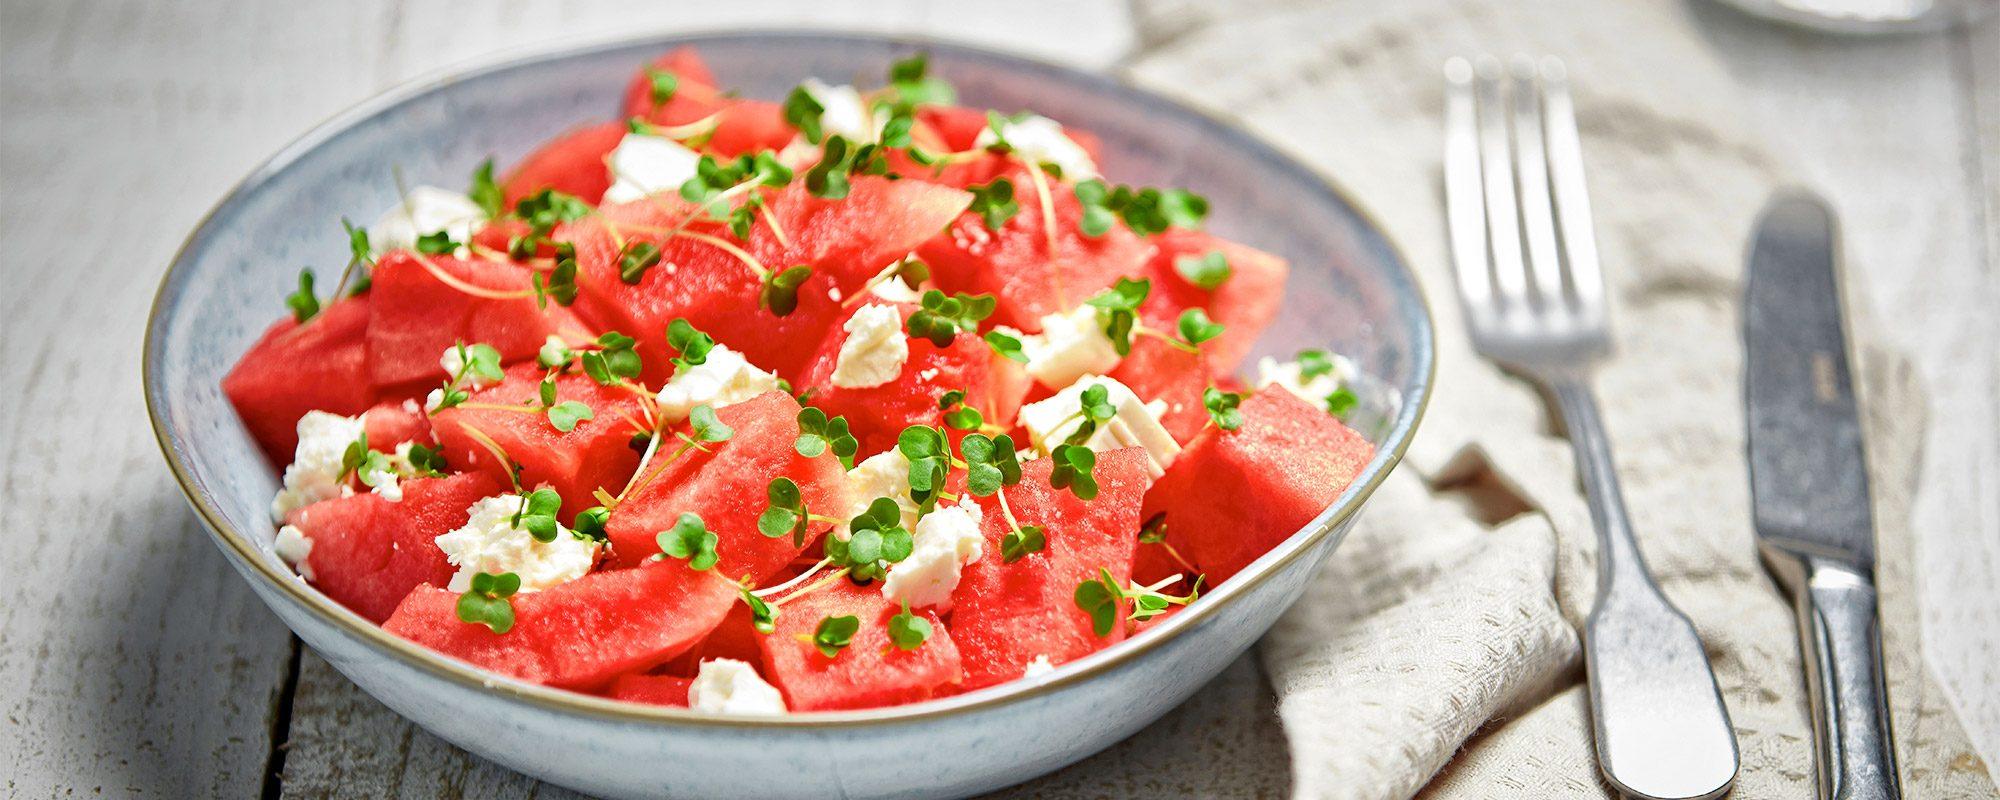 Watermelon, feta cheese and salad cress salad